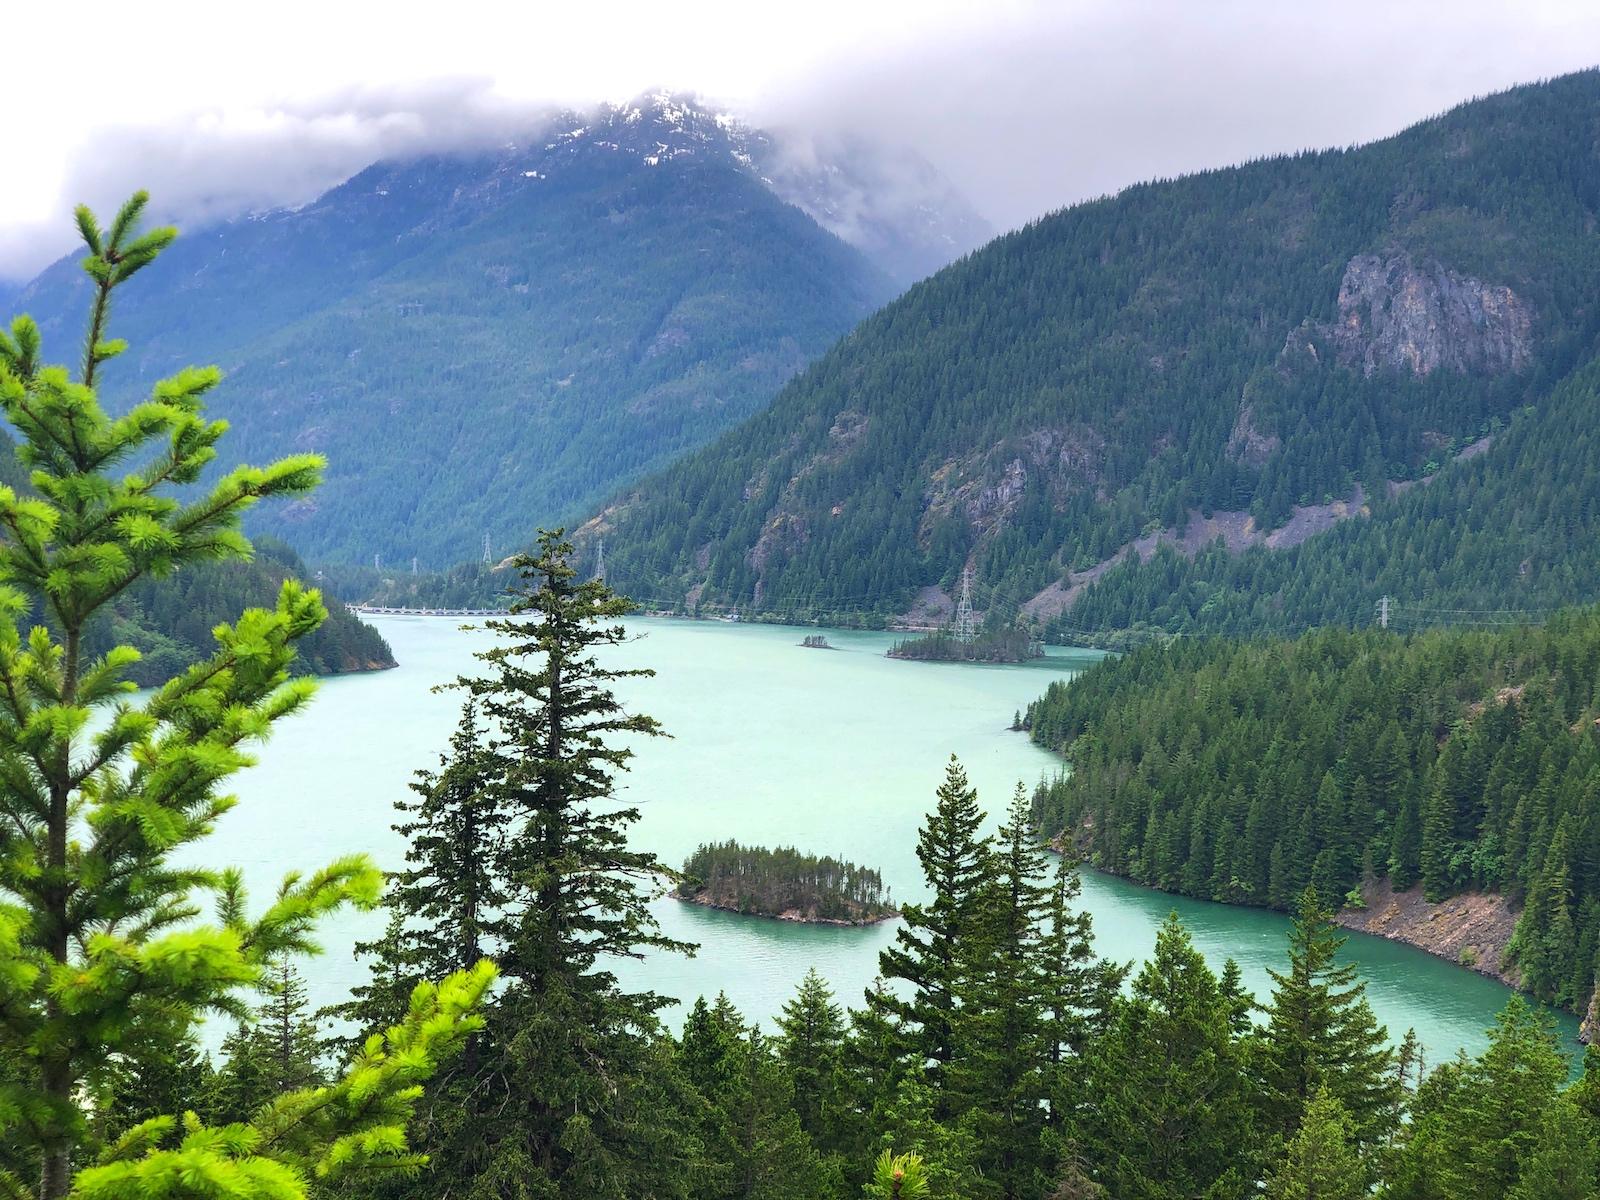 glacier-flour-turns-diablo-lake-turquoise